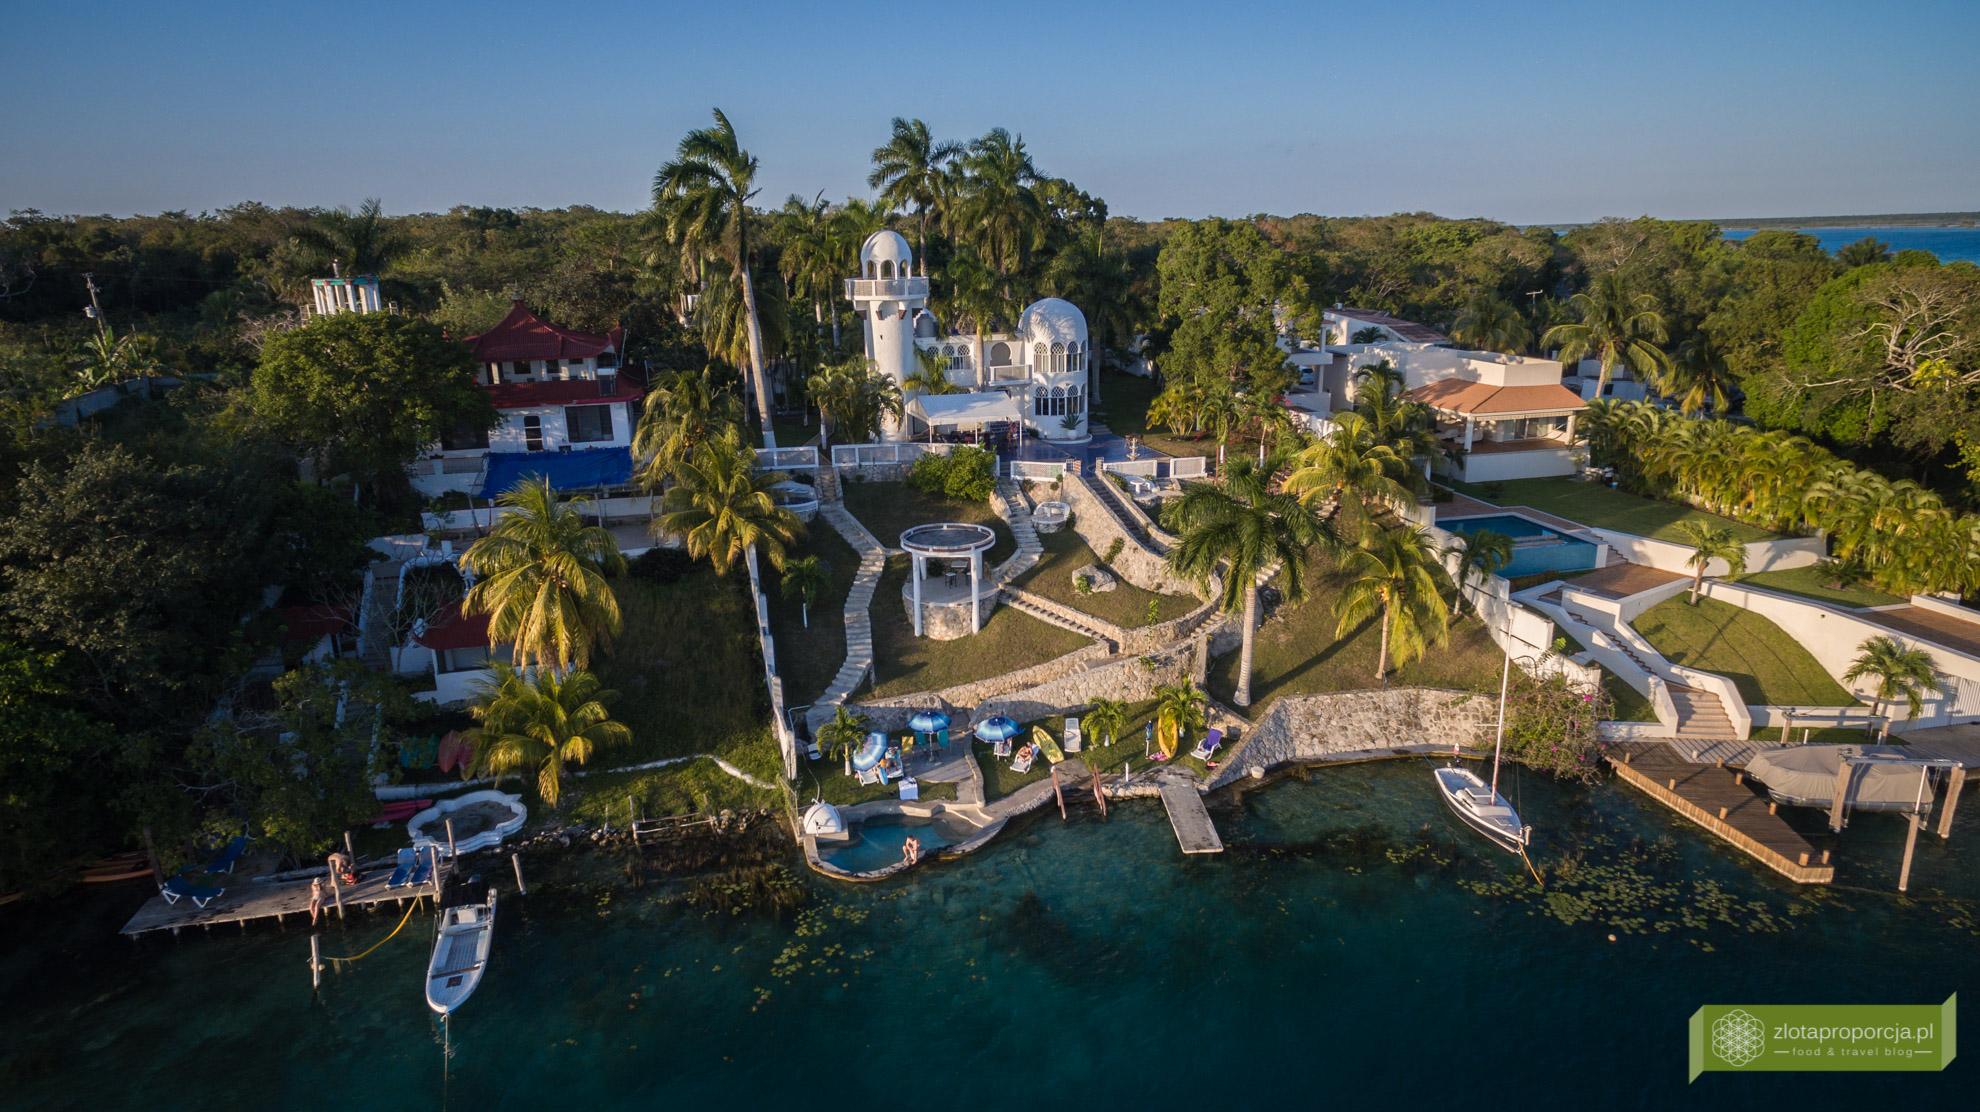 noclegi na Jukatania, nocleg w Bacalar, Meksyk, Villa Esmeralda